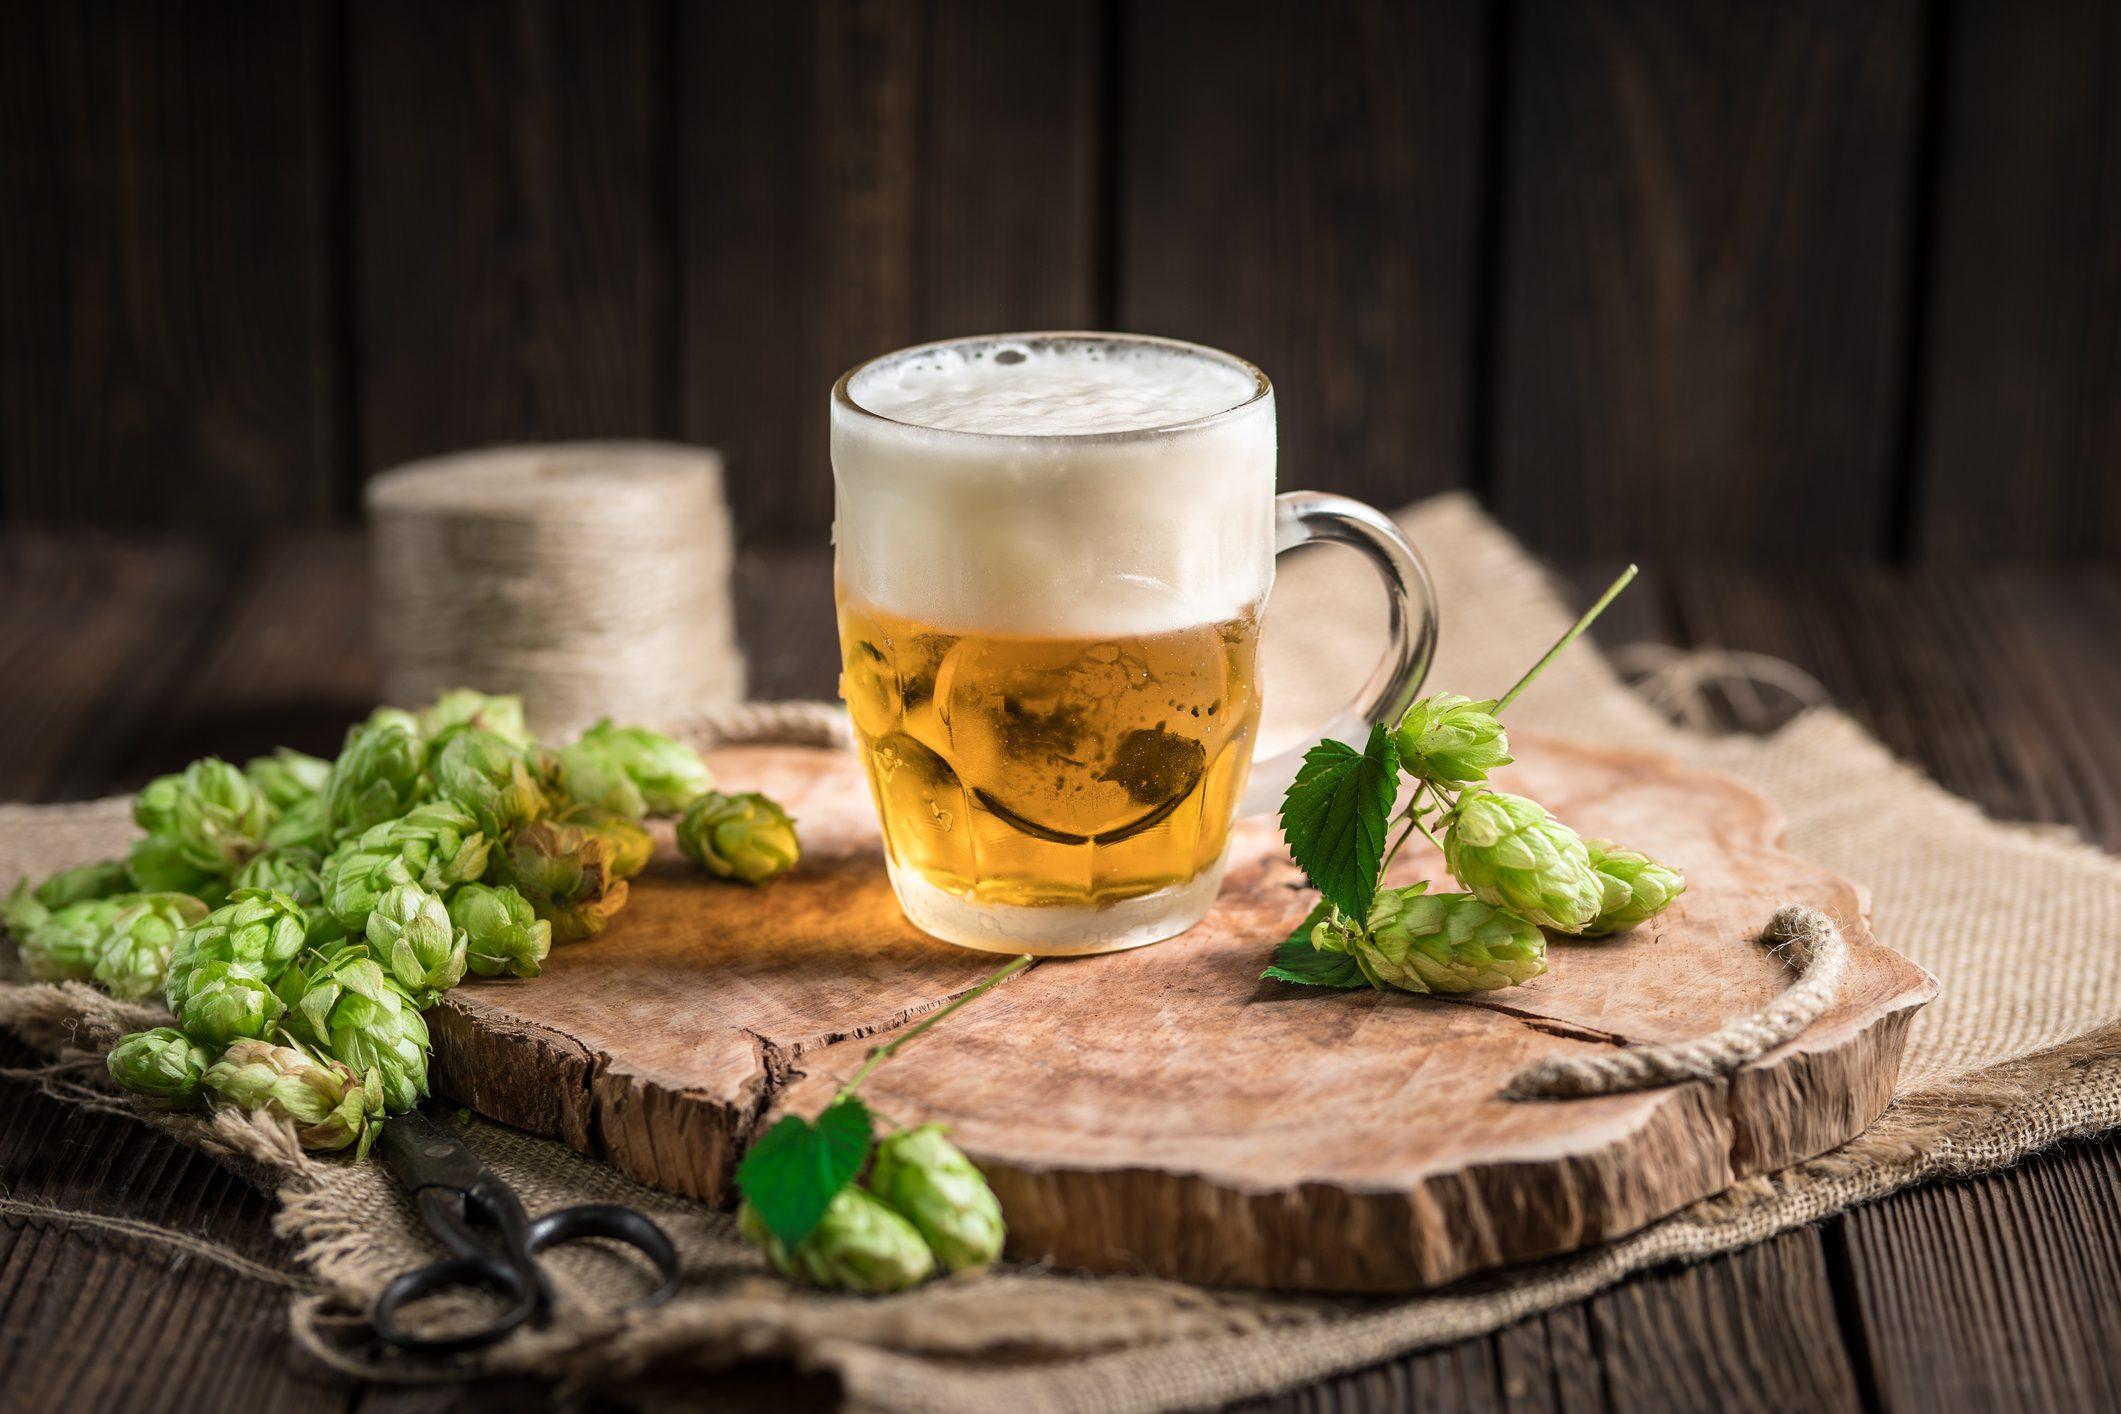 Giornata internazionale della birra: ecco 10 curiosità che forse non conosci